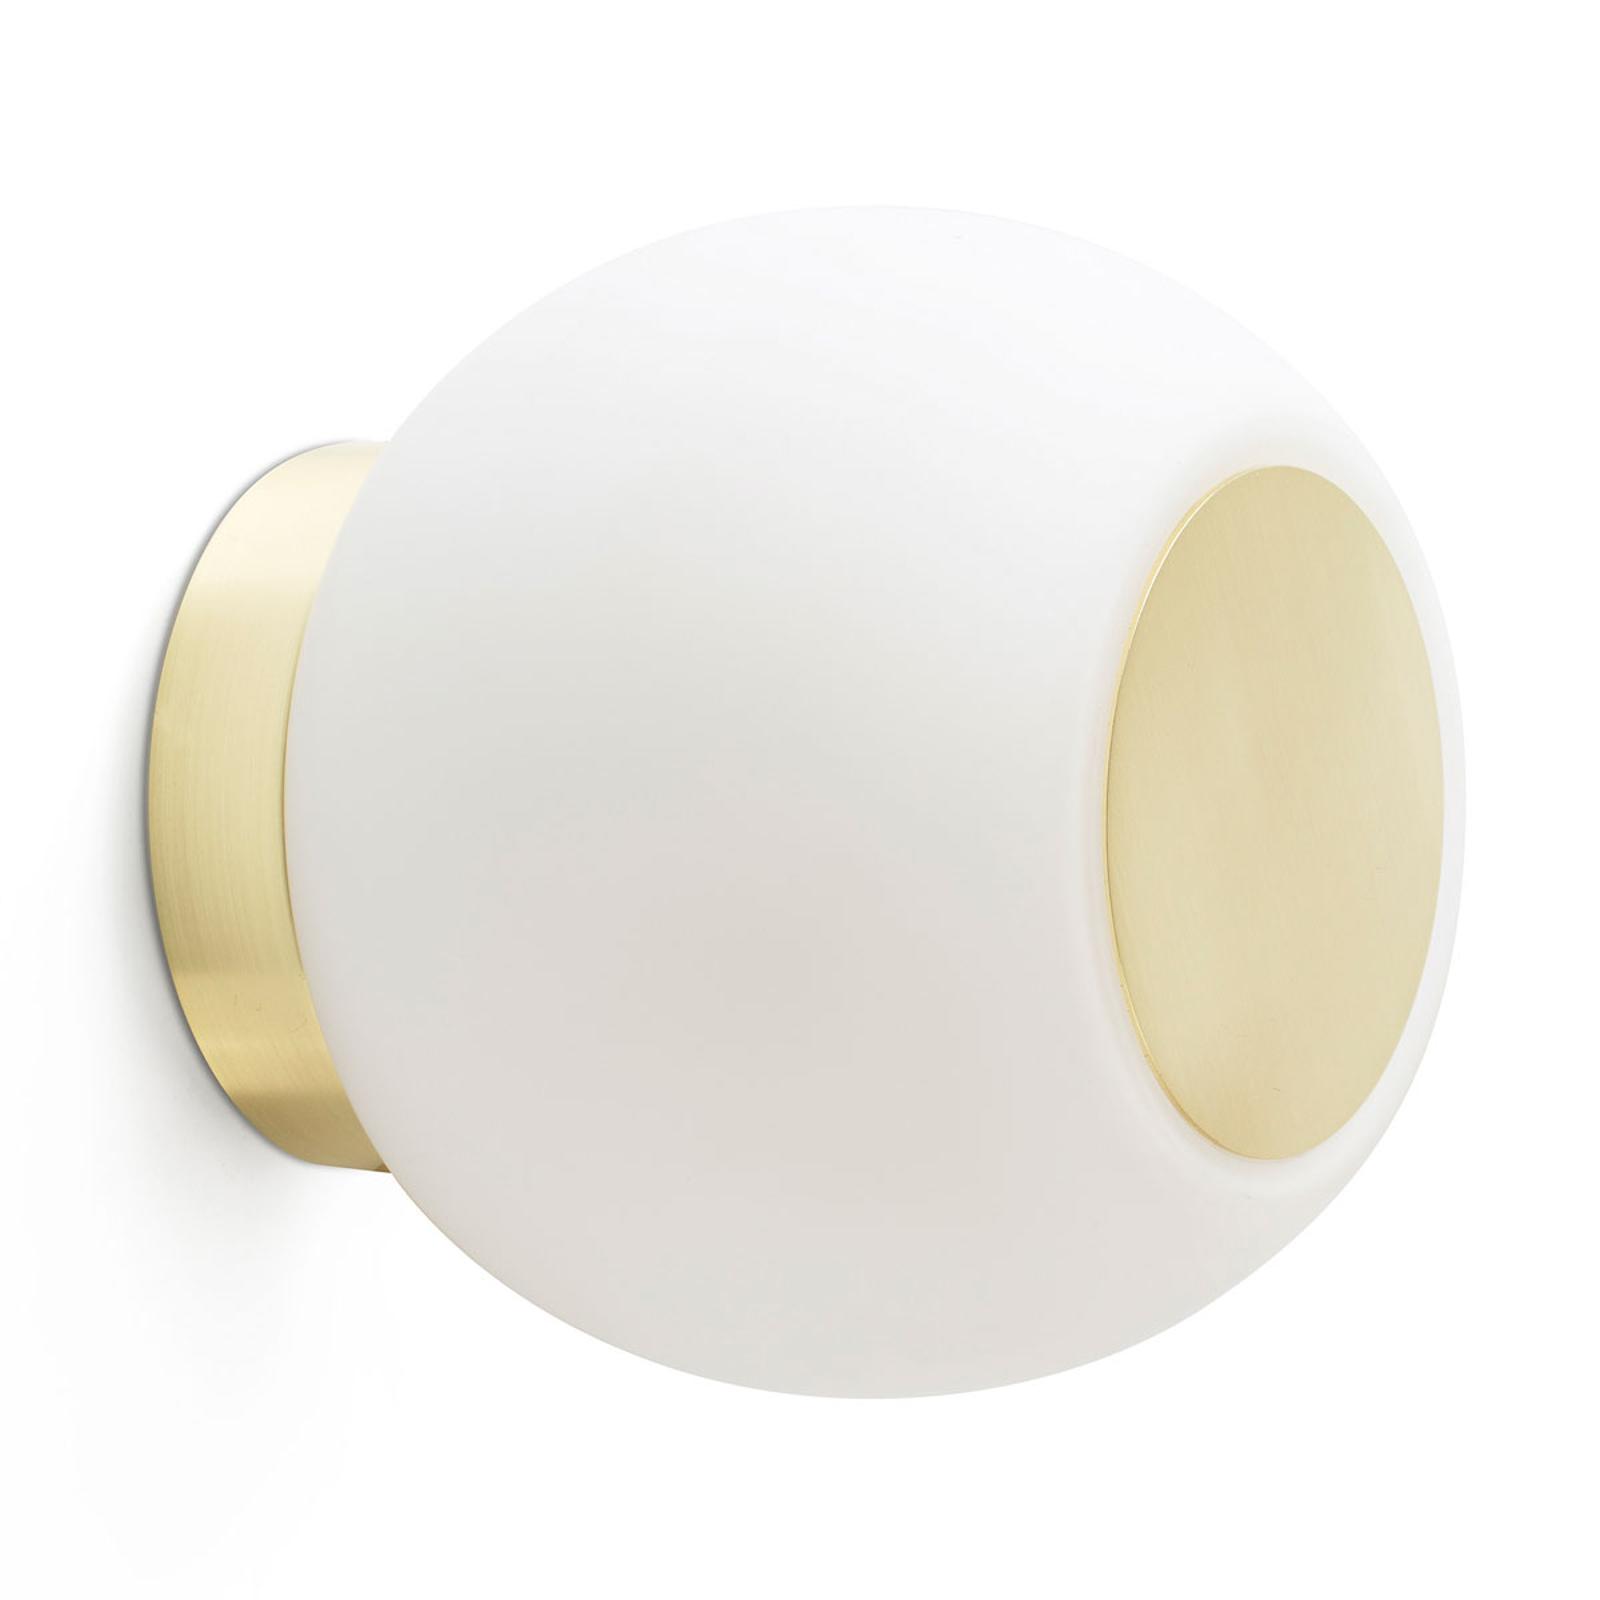 Lampa ścienna LED Moy złota ze szklanym kloszem